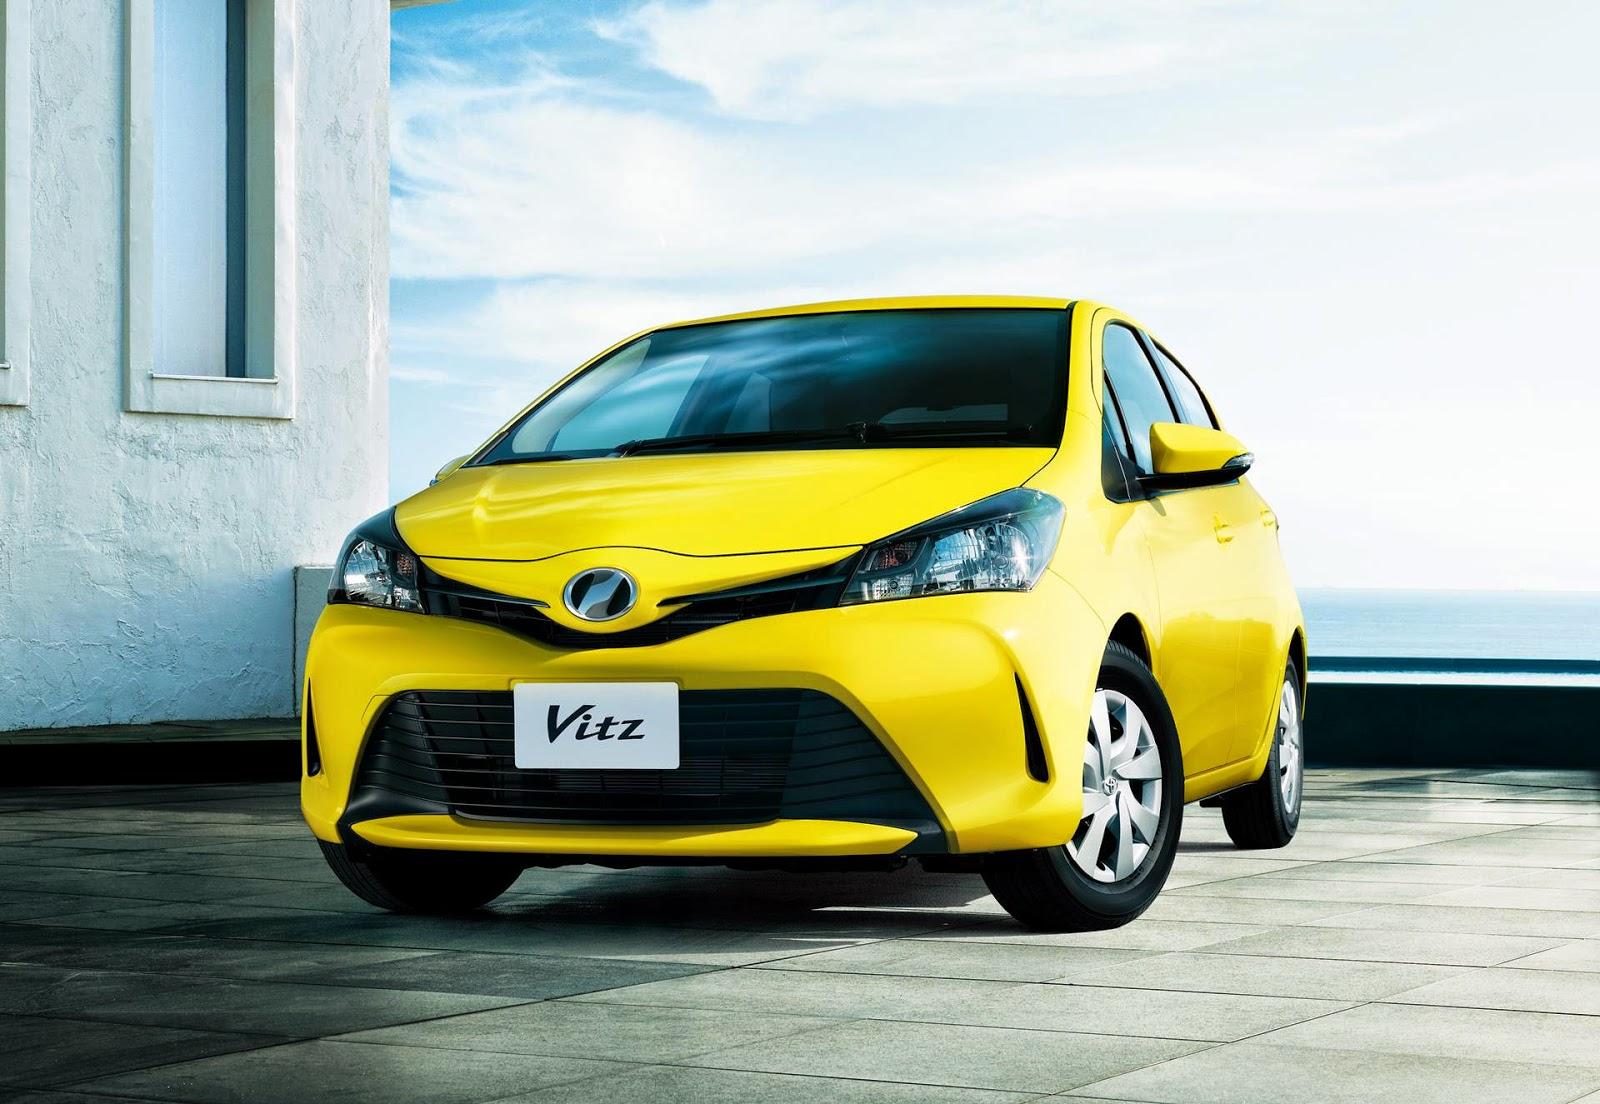 Yellow Toyota Vitz